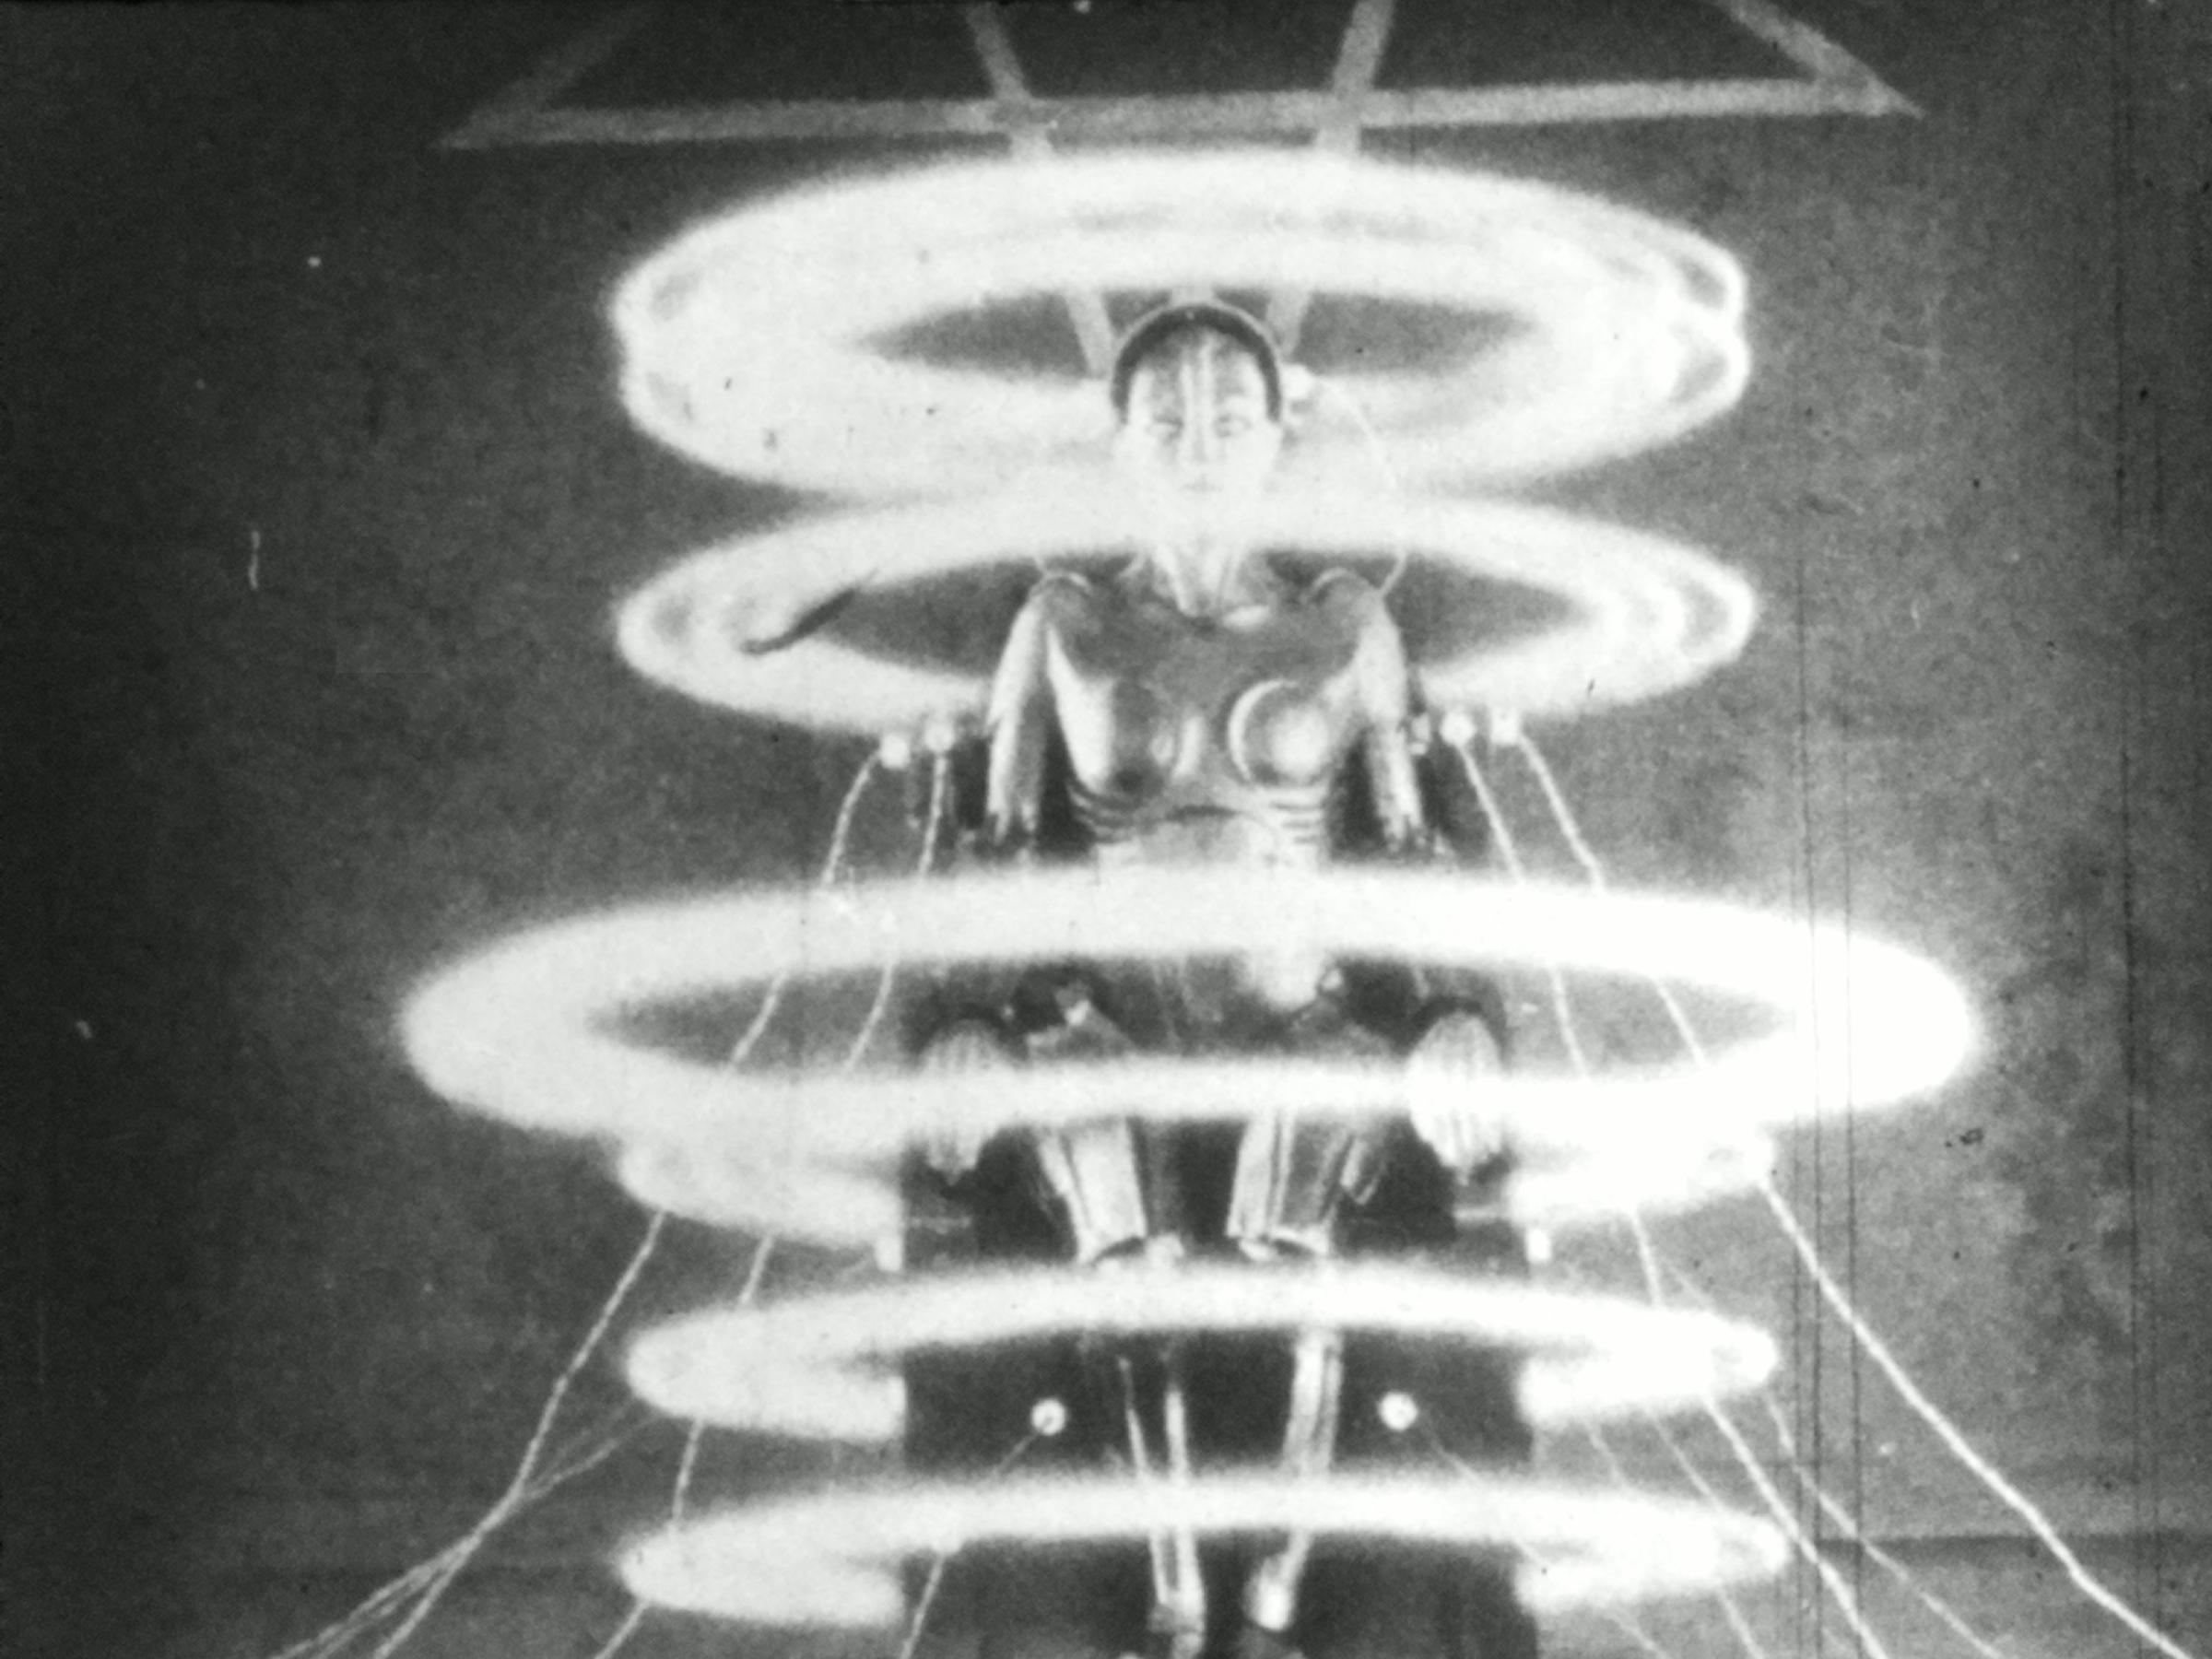 1927- Metropolis (Fritz Lang)1930s UK Pathescope 9.5mm version